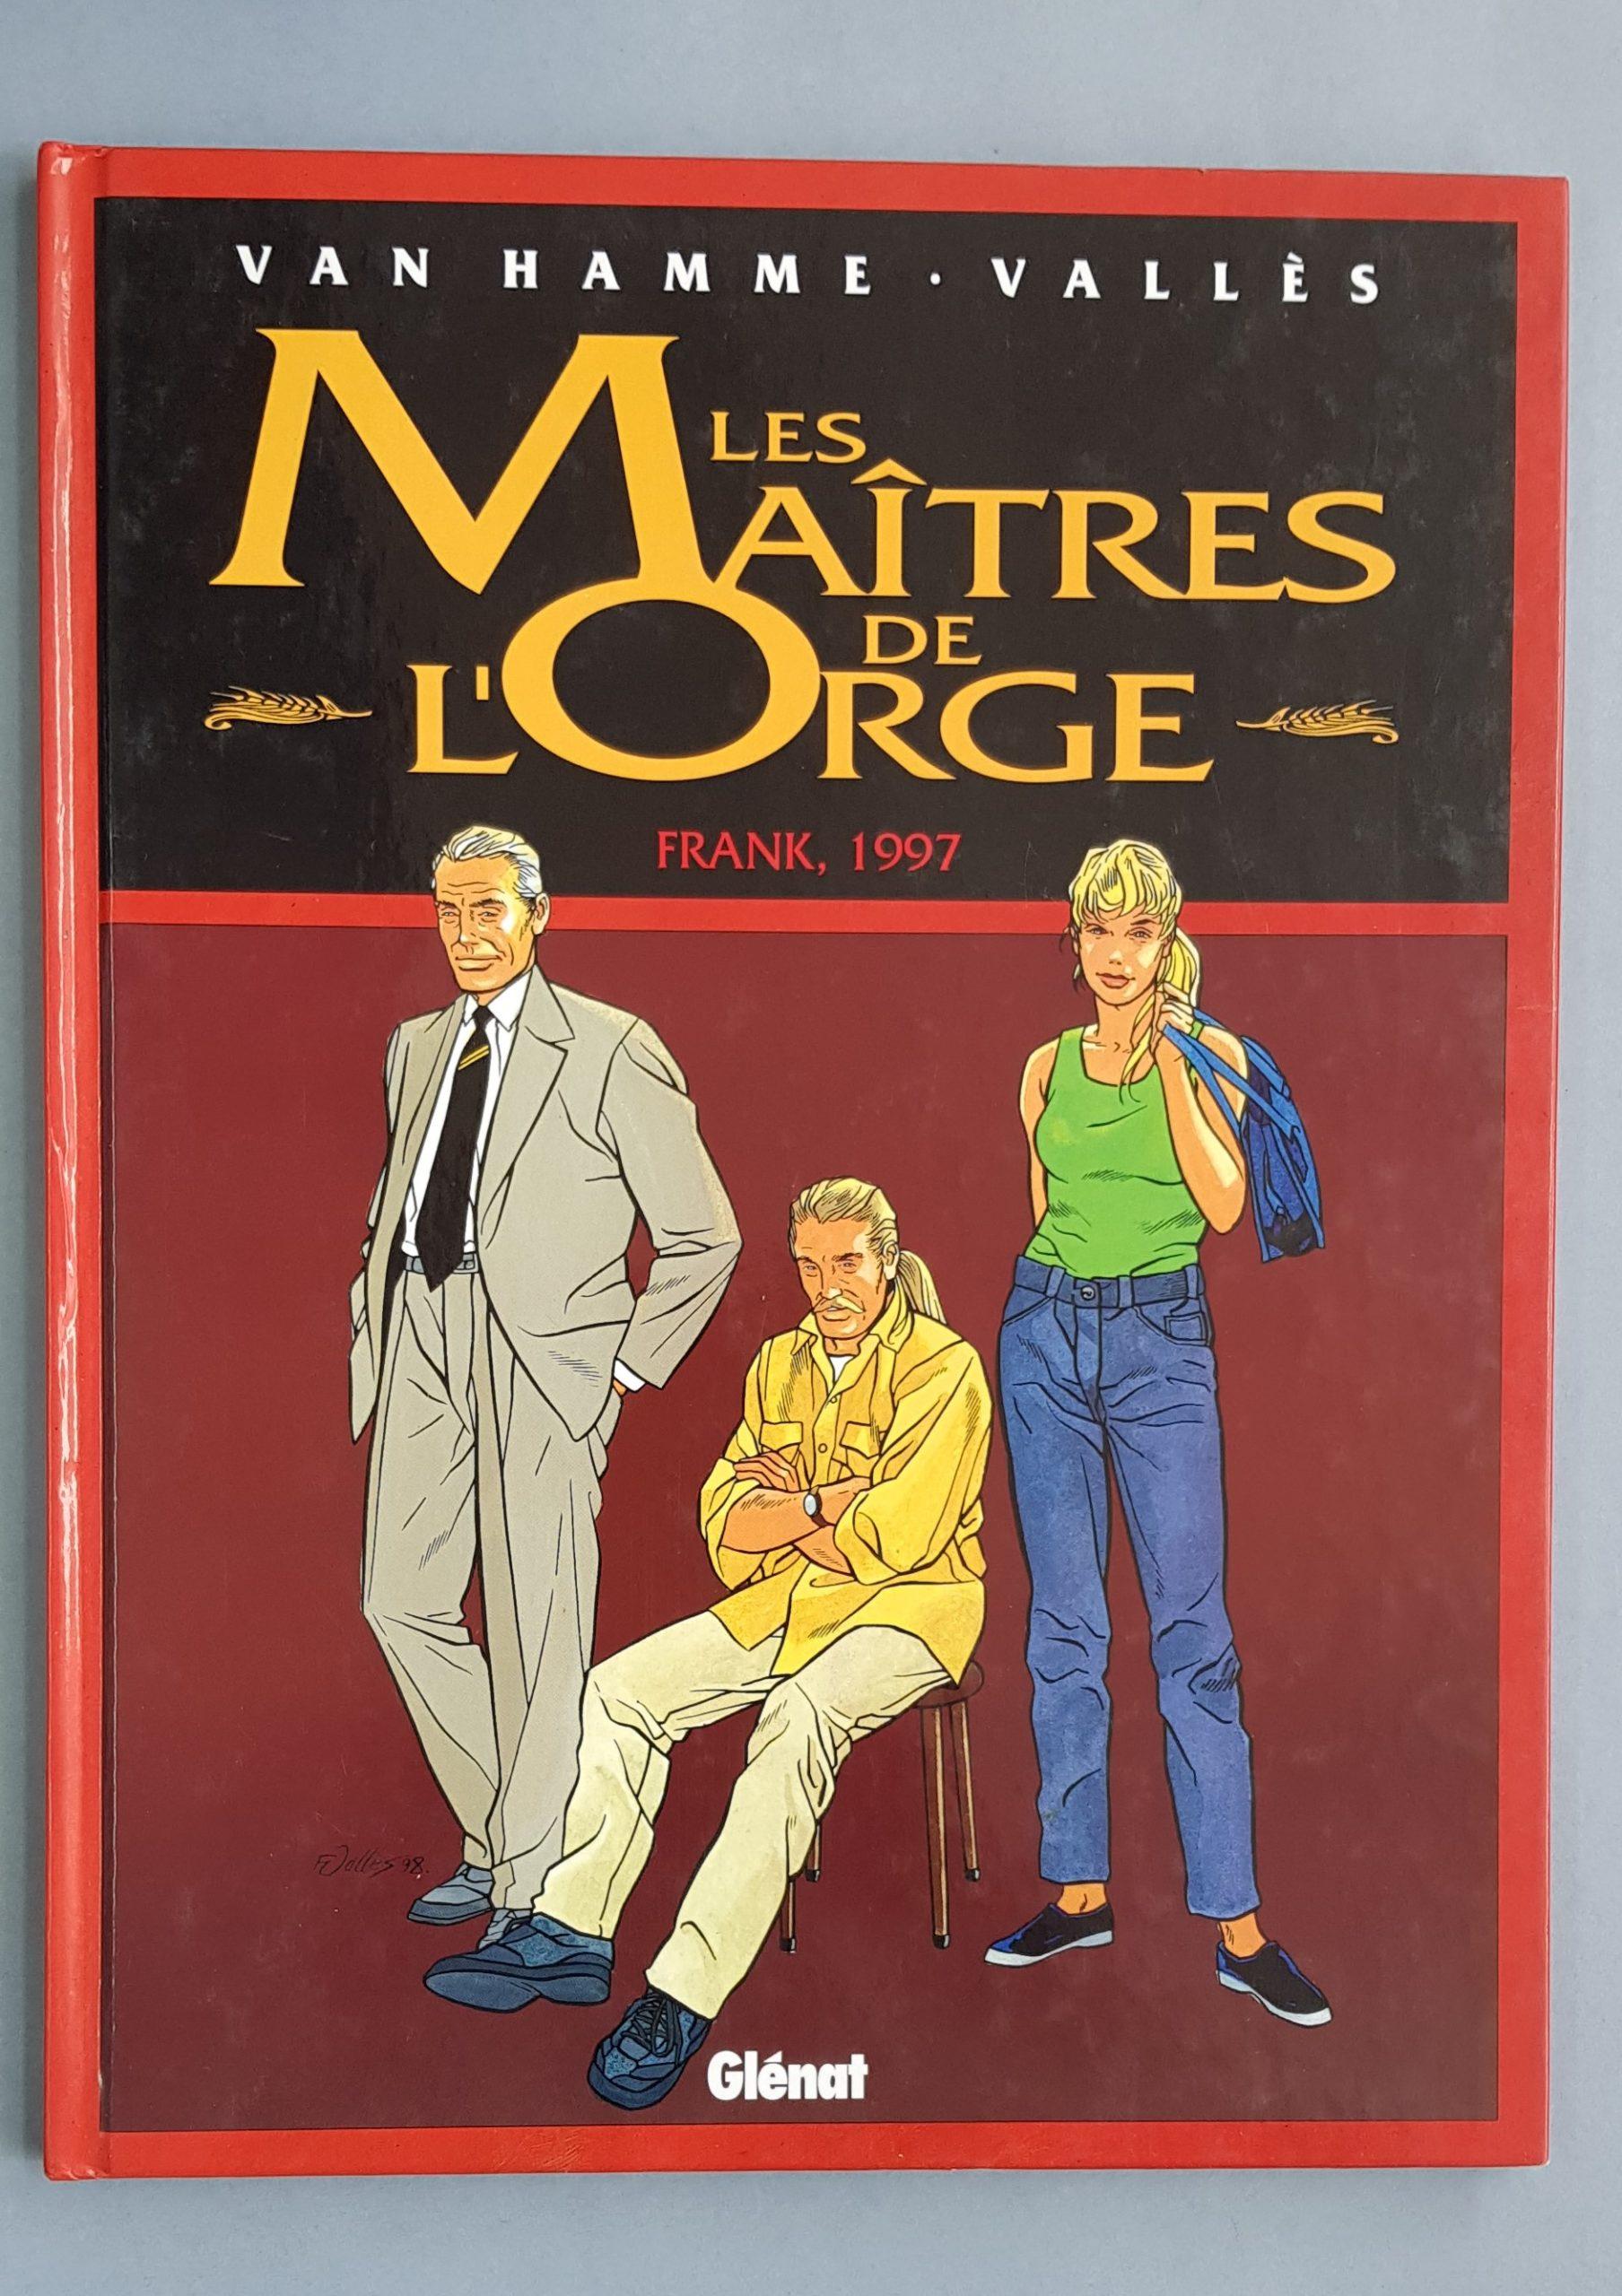 LES MAÎTRES DE L'ORGE – FRANK, 1997